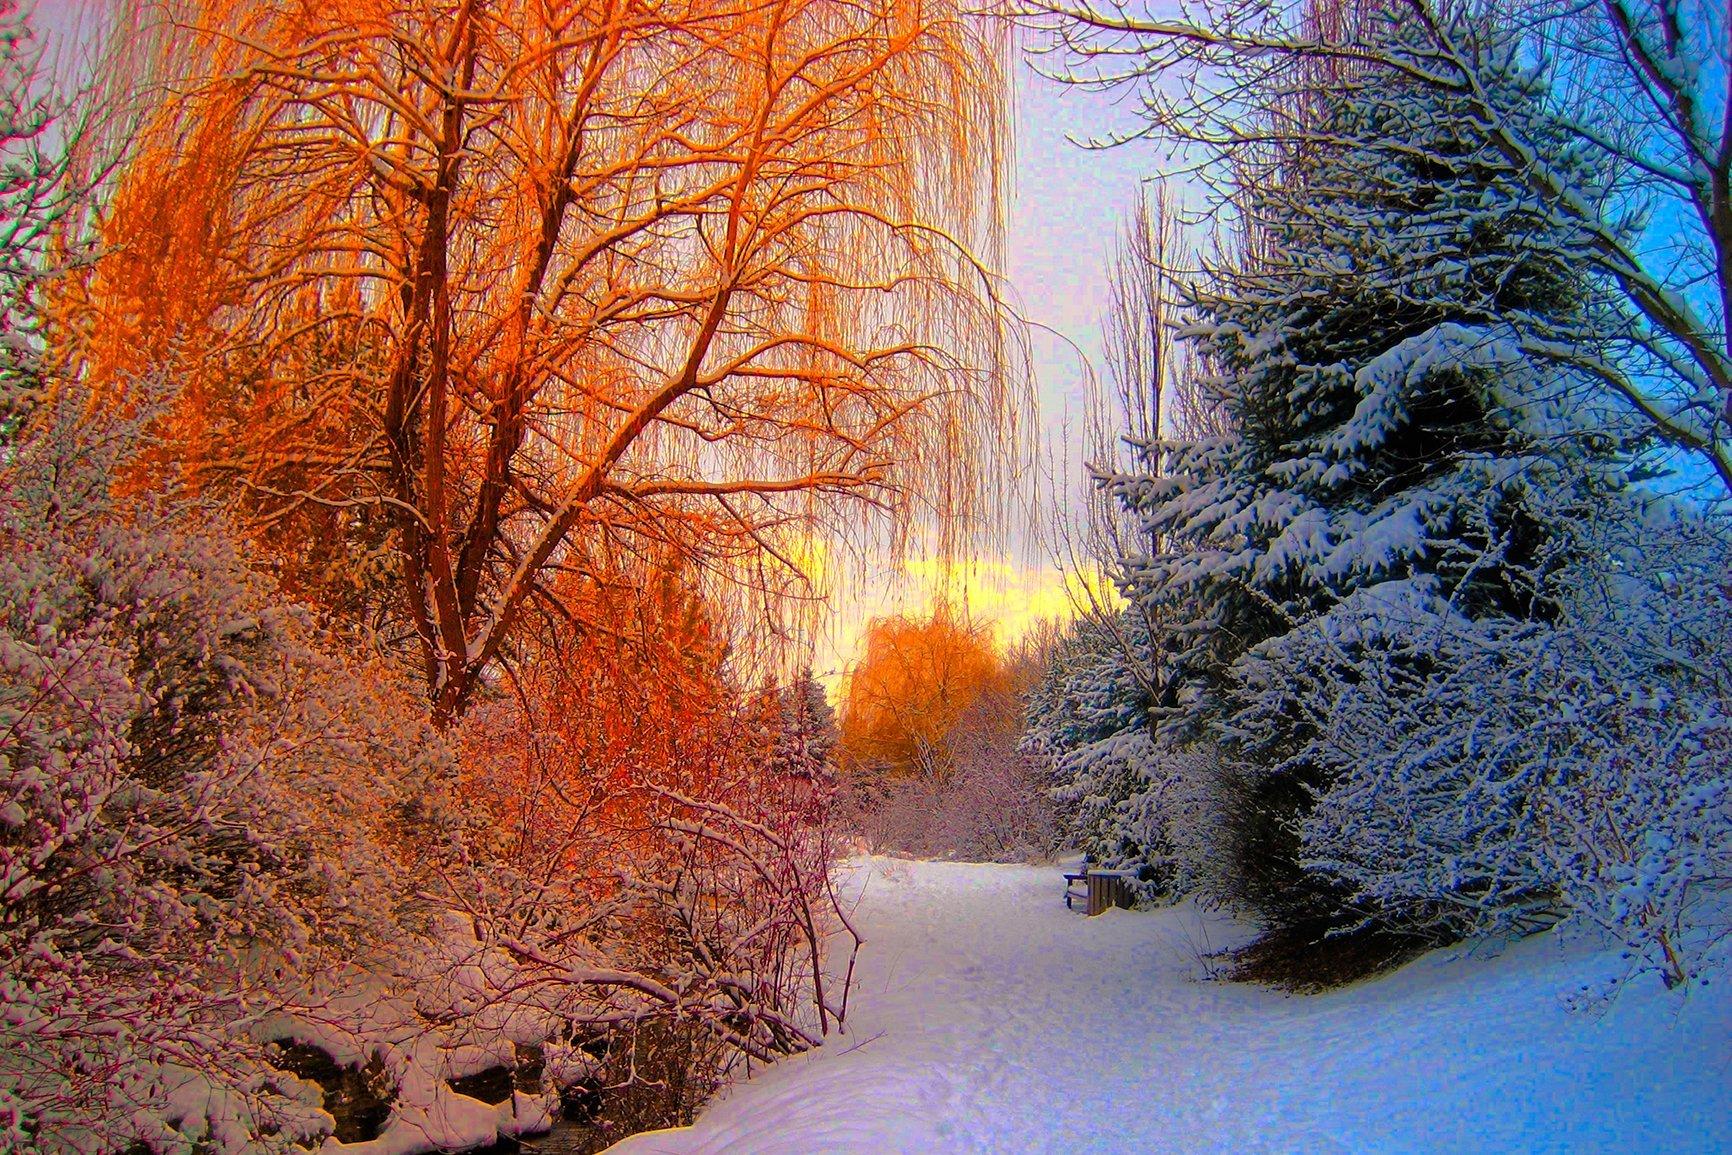 profumi naturali aroma stagioni autunno inverno